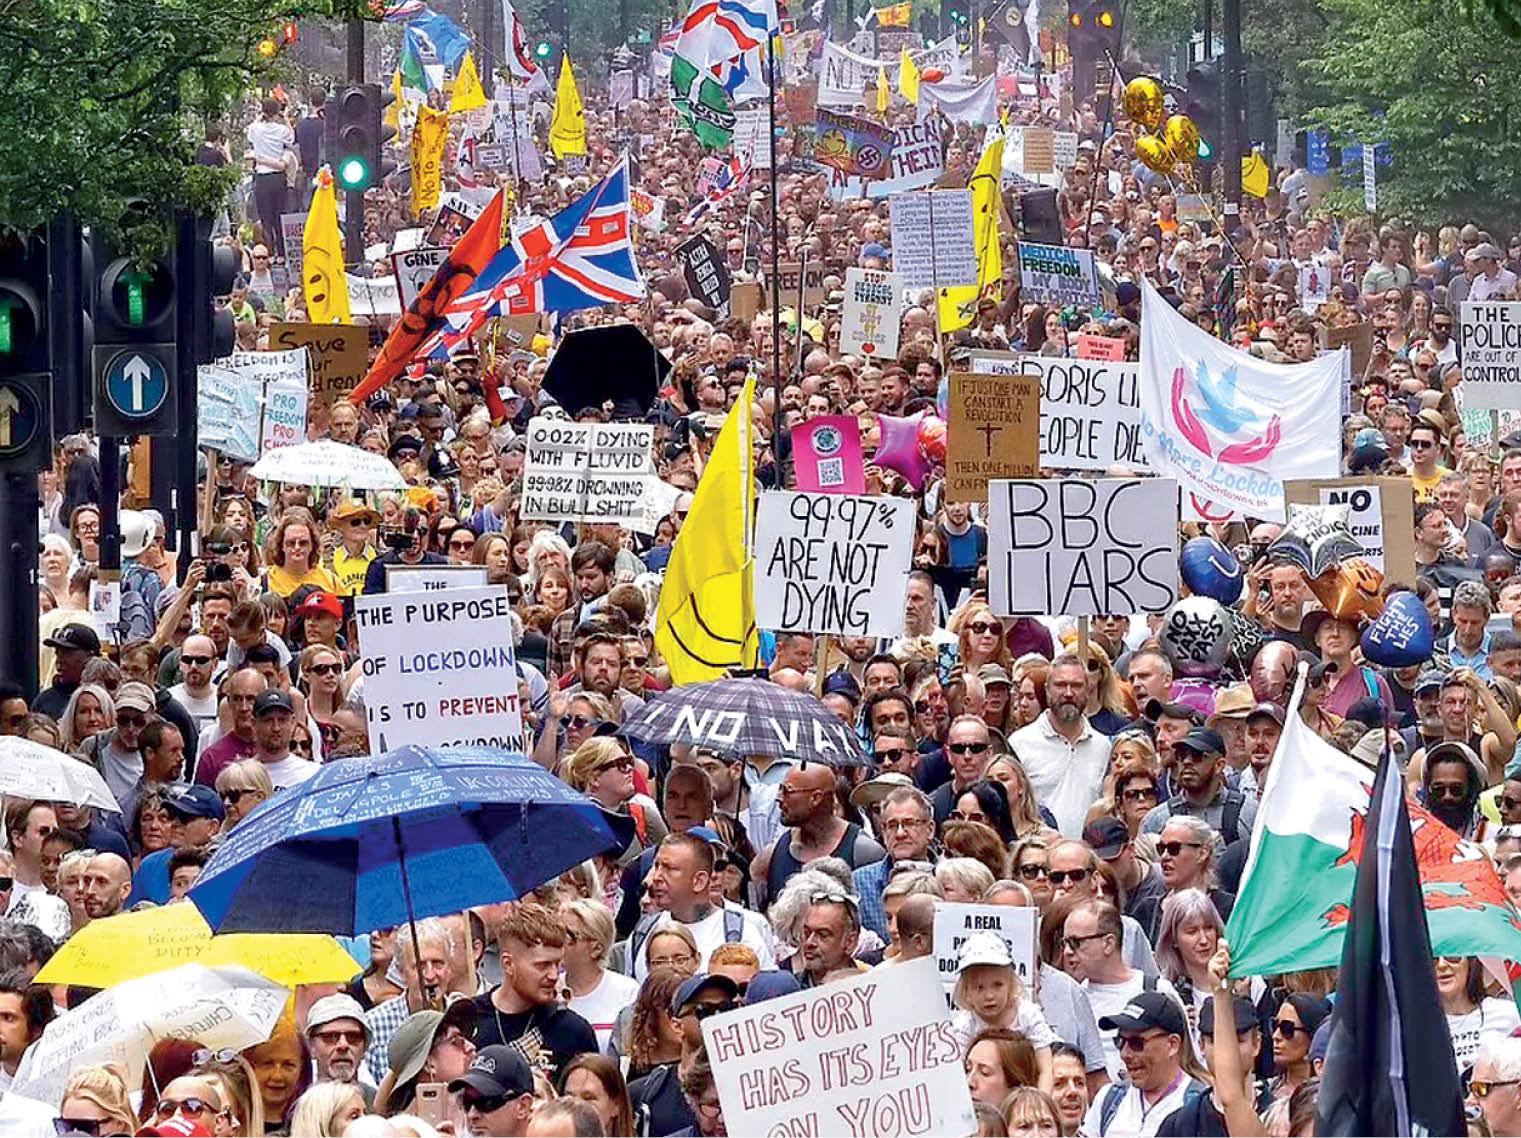 30 हजार लोग सड़कों पर, सहयोगी से अफेयर के विरोध में प्रदर्शन; लोग गिरफ्तारी पर अड़े|विदेश,International - Dainik Bhaskar